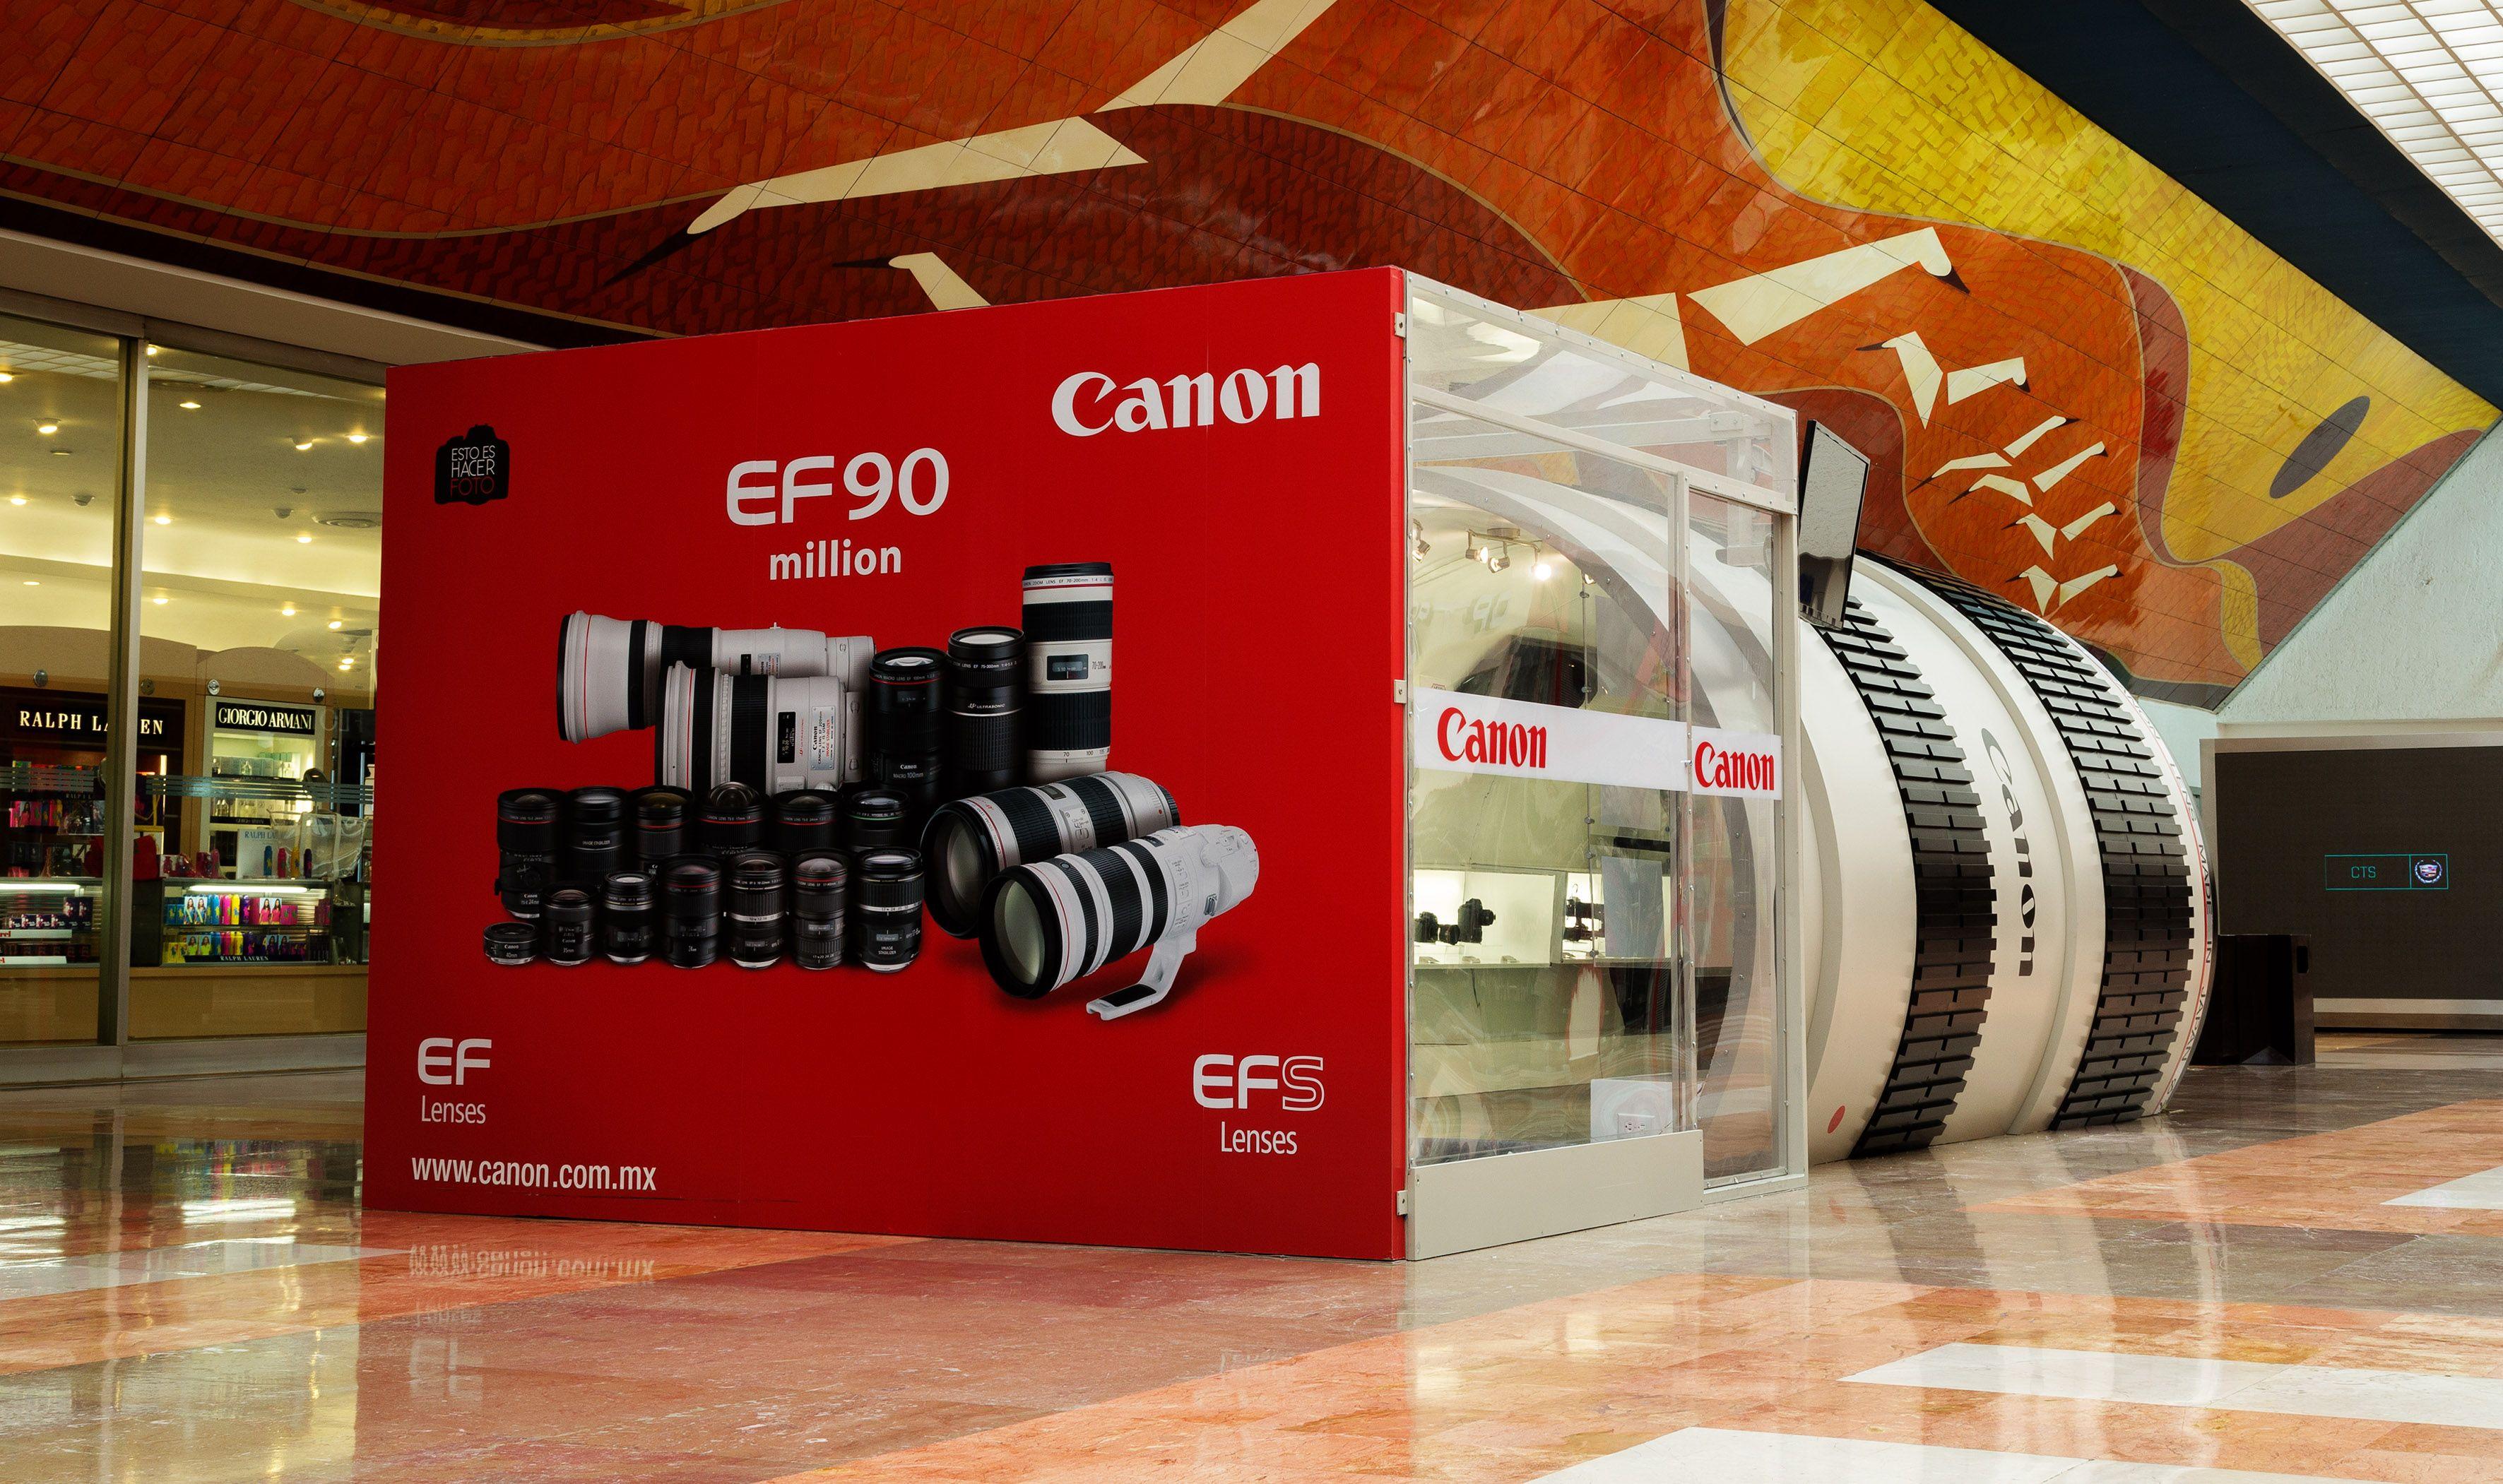 Shortlist Effie Awards® 2014 Campaña: The Canon Experience Marca: Lentes y objetivos fotográficos Agencia: Archer Troy